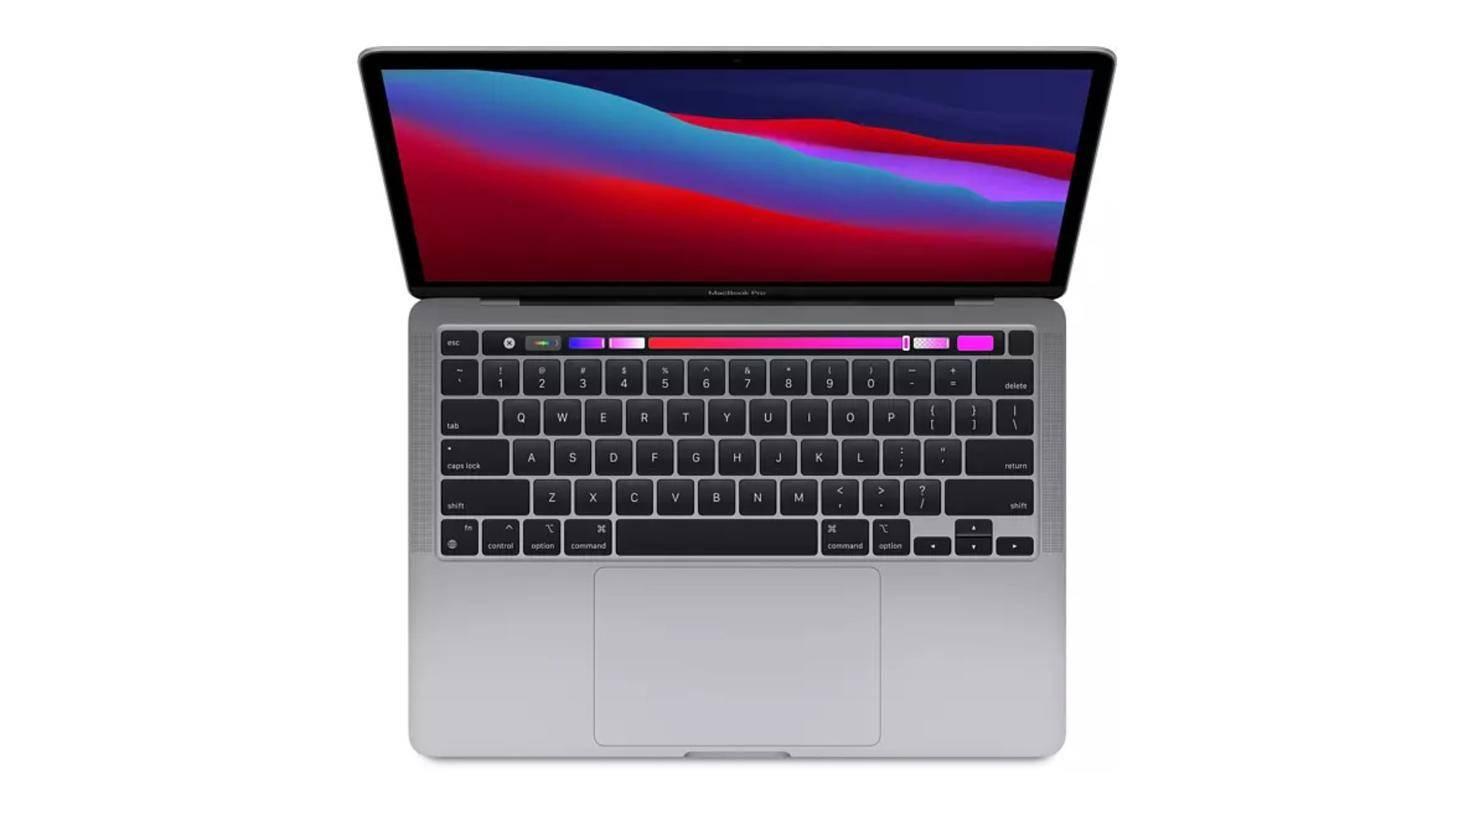 apple-macbook-pro-13-2020